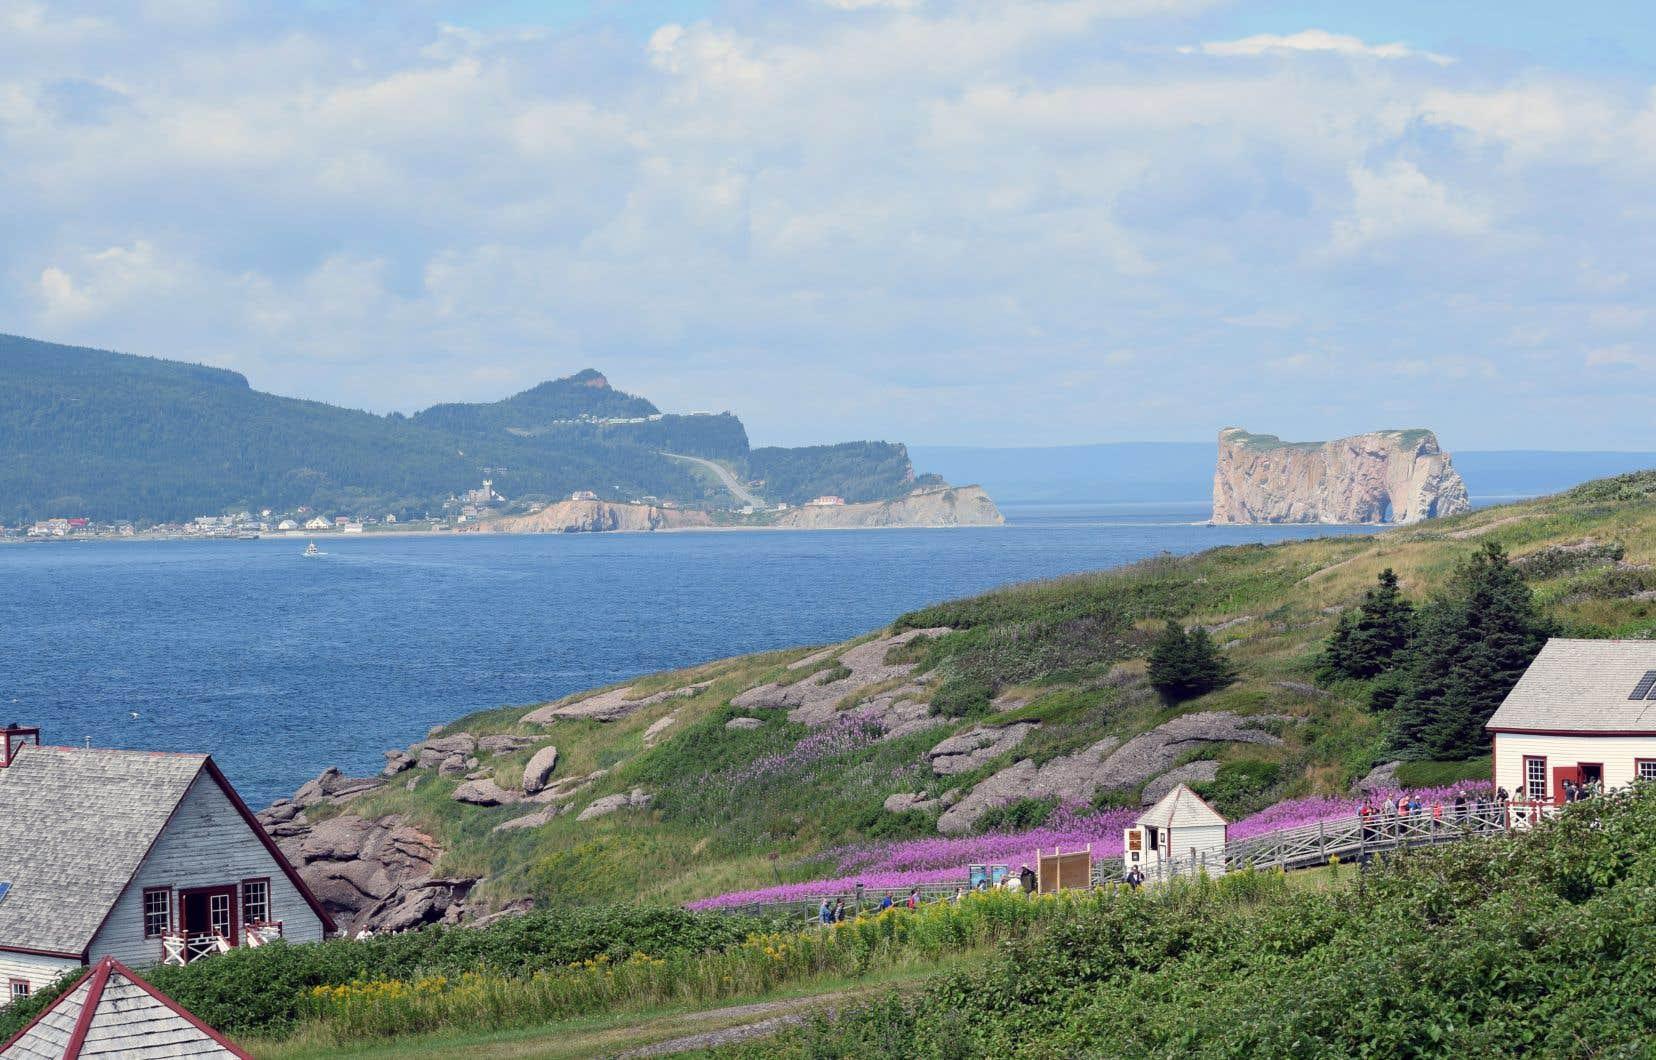 Tous les prétextes sont bons pour aller en Gaspésie, ne serait-ce que pour admirer le paysage de bord de mer à Percé.